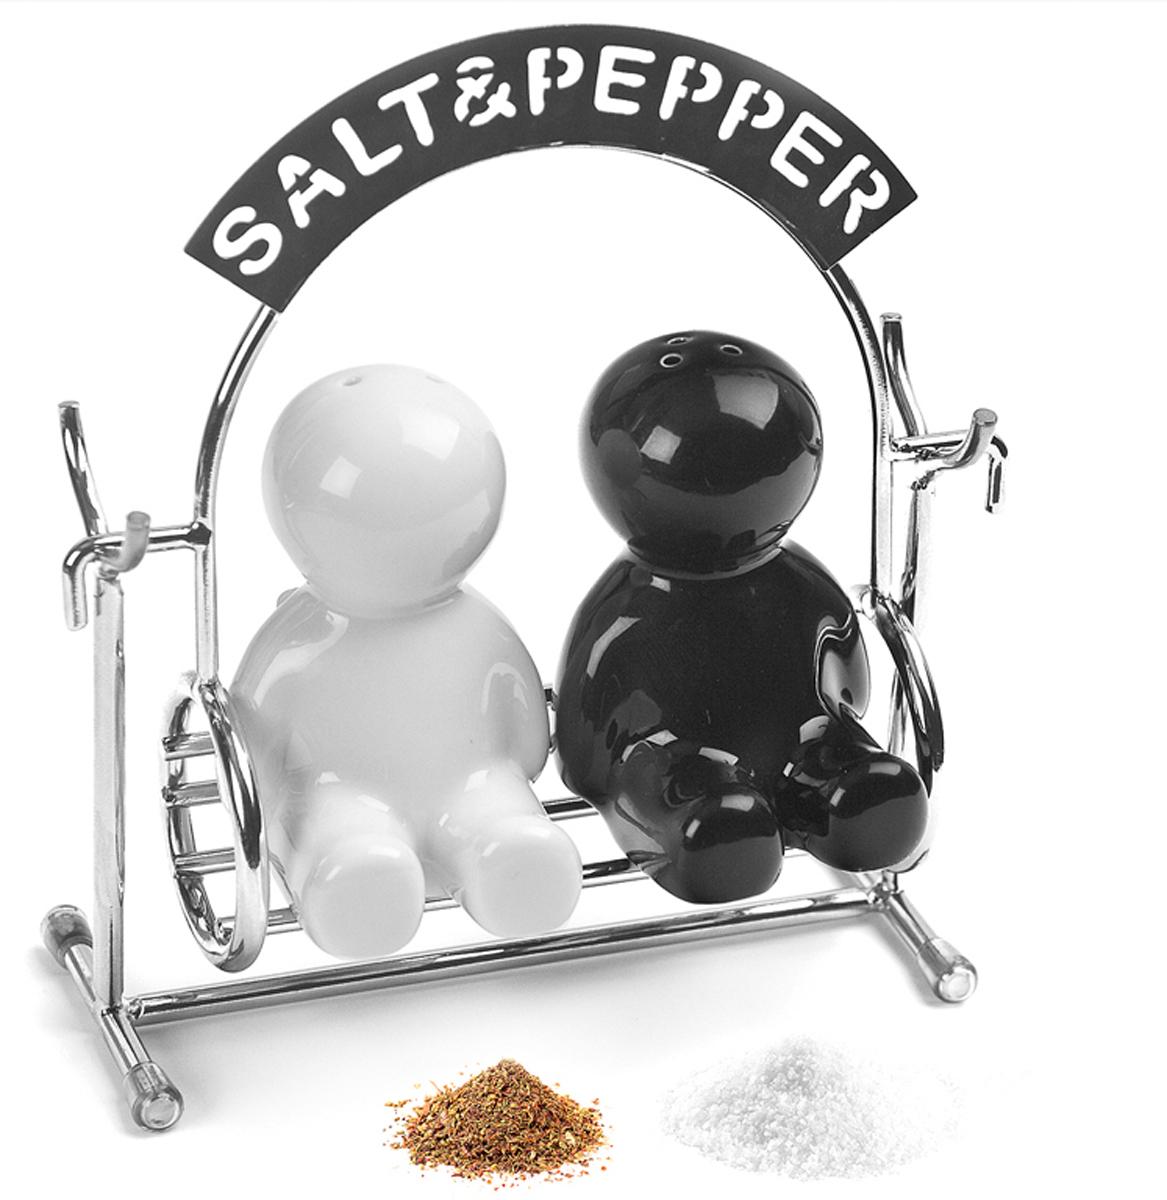 Набор для специй Balvi Salt&Pepper, цвет: черный, 3 предмета25006Набор Salt&Pepper , состоящий из 2 емкостей и держателя, изготовлен из качественной керамики, имеет уникальный дизайн в виде забавных человечков, сидящих на качелях. Держатель для емкостей изготовлен из нержавеющей стали. Такой набор станет неповторимым подарком для любой хозяюшки, которая ценит оригинальные и функциональные вещи на кухне. - Уникальный дизайн в виде керамических человечков.- Держатель для солонки и перечницы изготовлен из нержавеющей стали.- Набор емкостей для специй станет отличным подарком любой хозяйке.